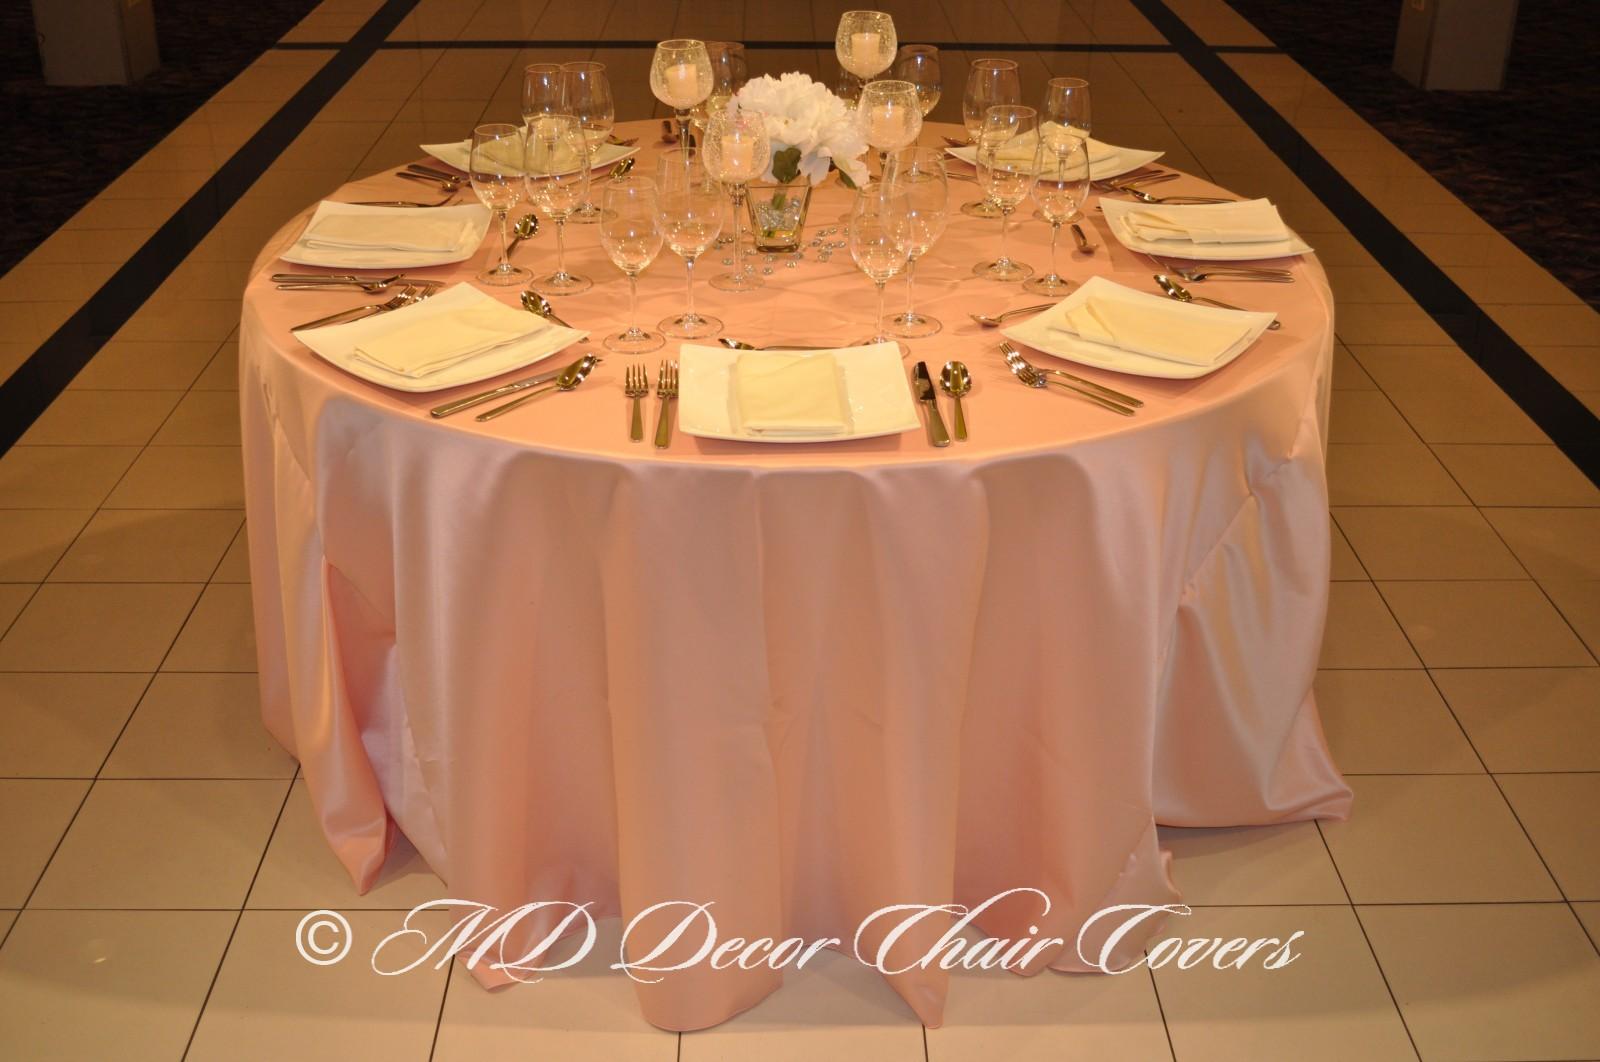 Peach-Satin-Lamour-Tablecloth